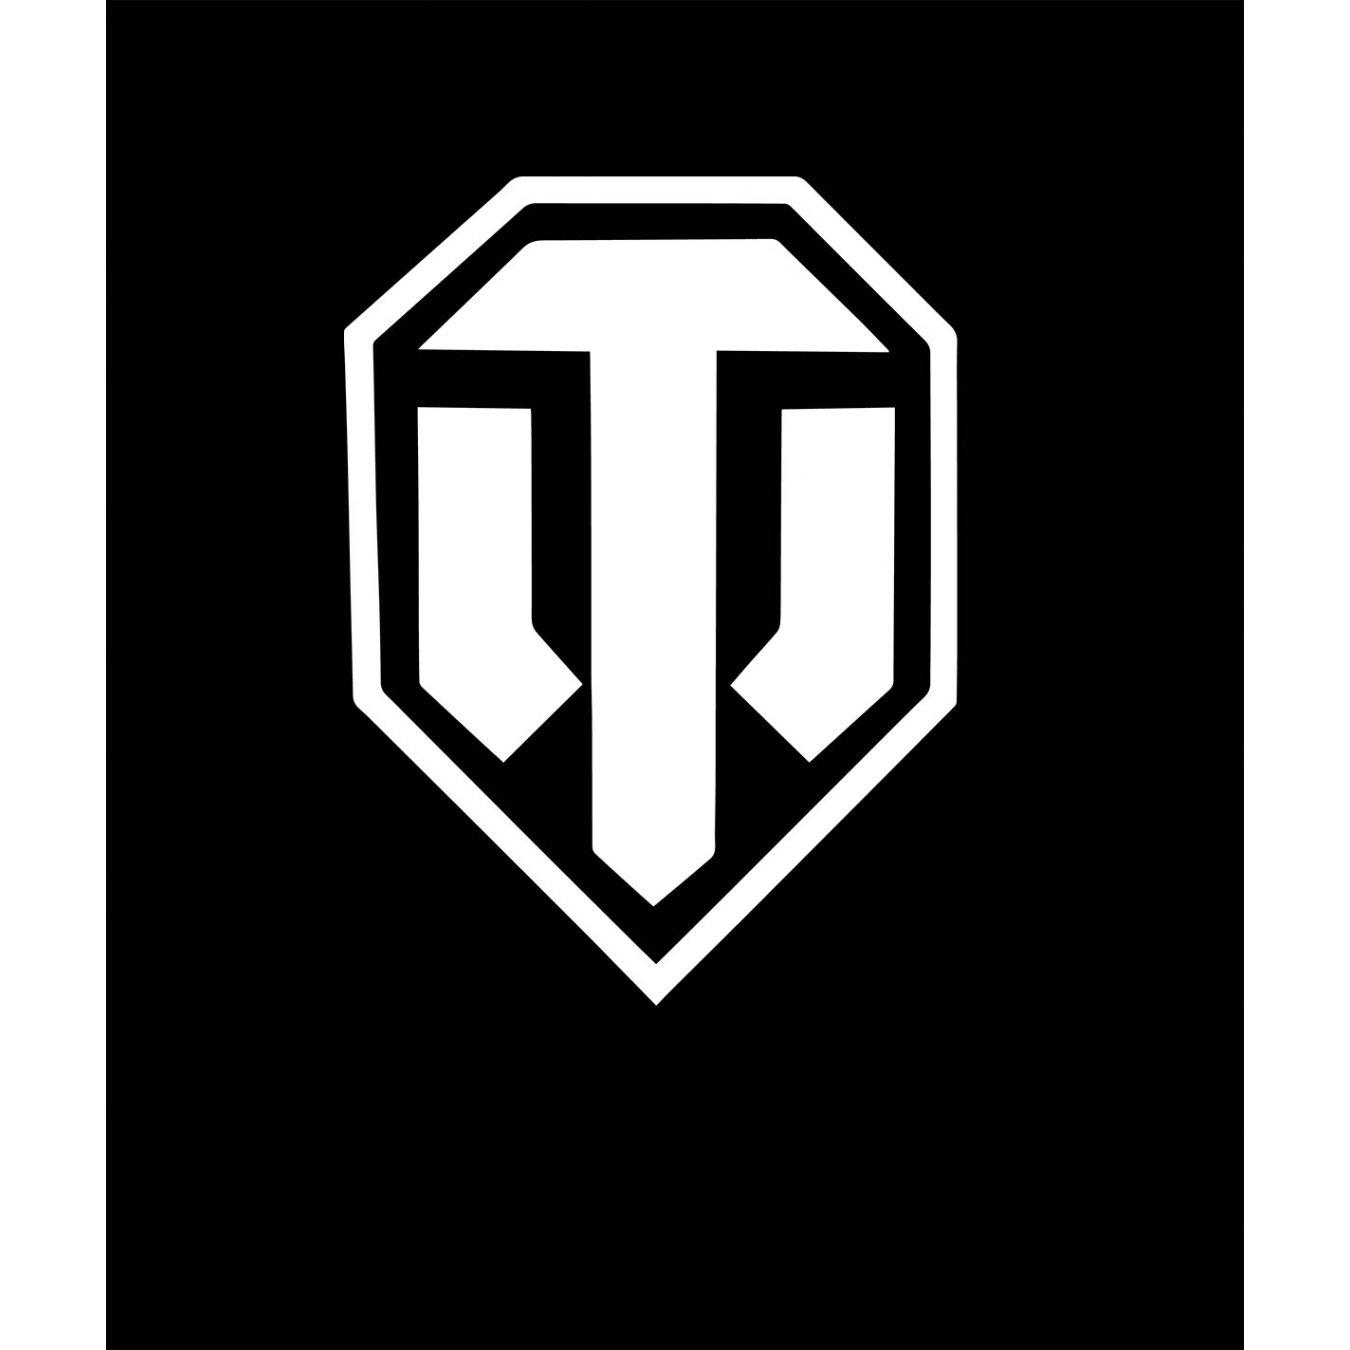 934b5ded376 Тениска World of Tanks ЧЕРНА - с логото в БЯЛО в Тематични тениски   в Tee